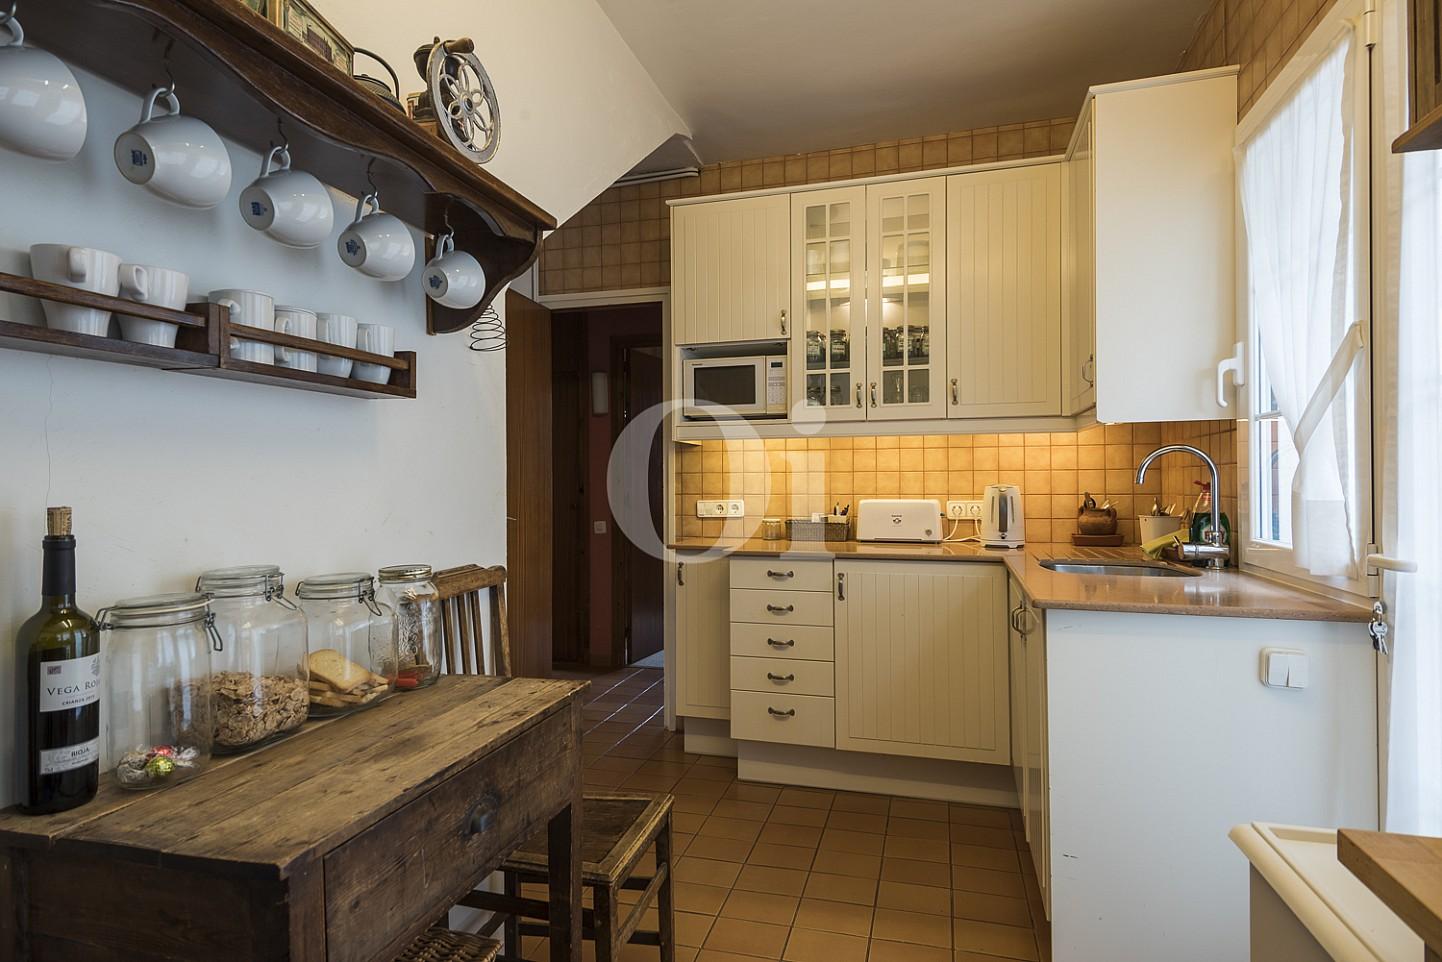 Cocina espaciosa y equipada